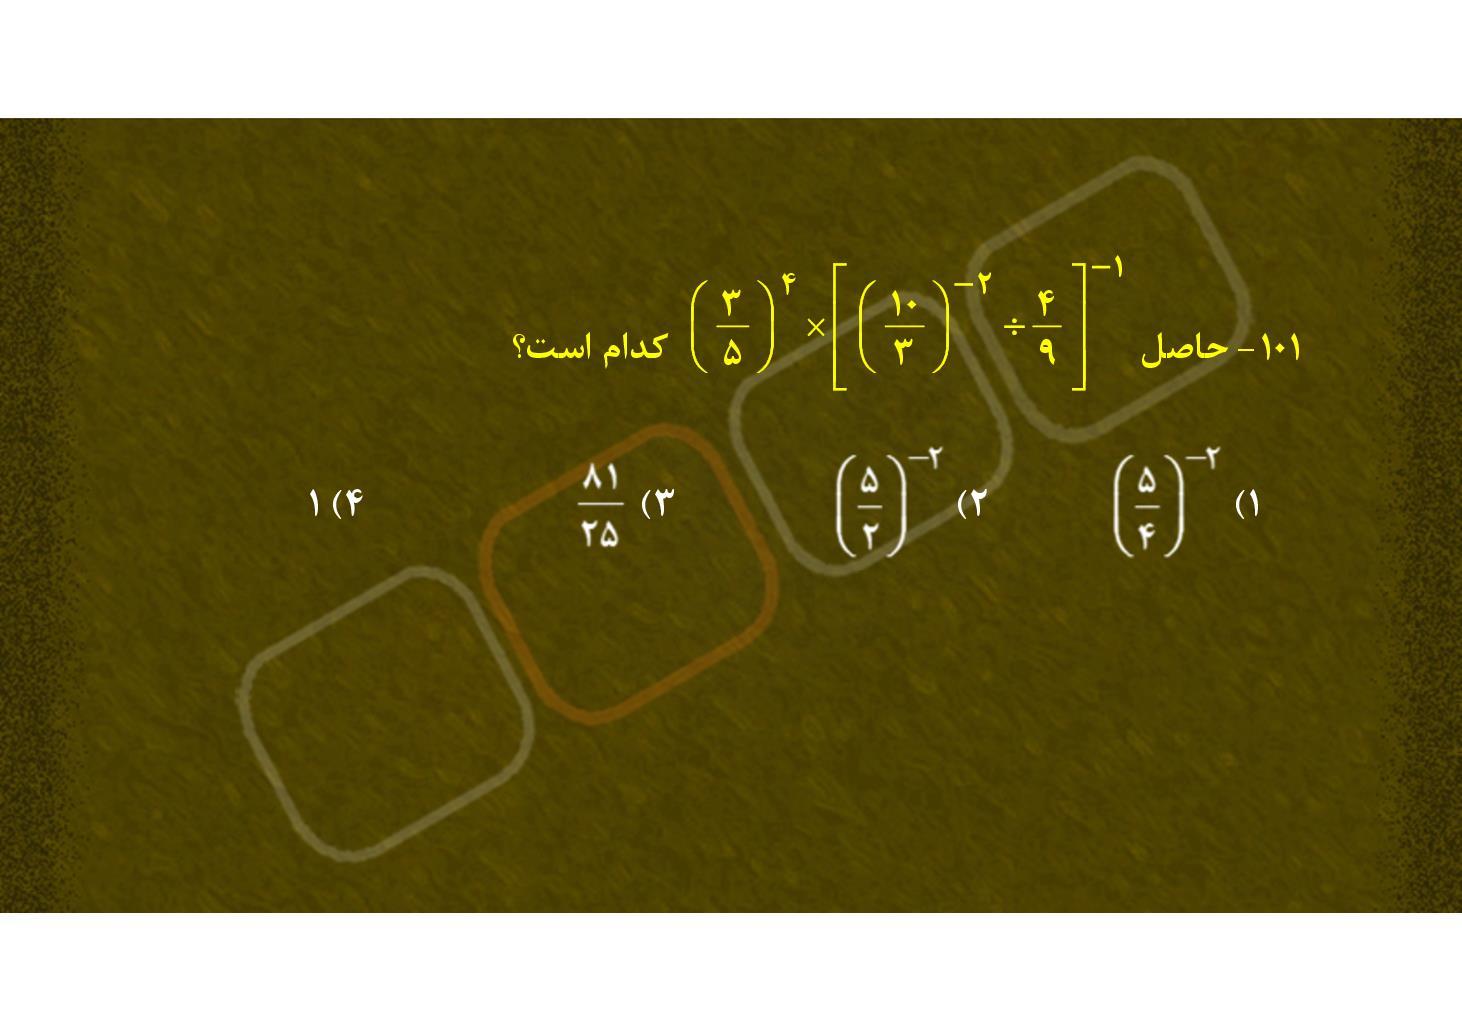 توان رسانی و قواعد آن - 1 (PDF)